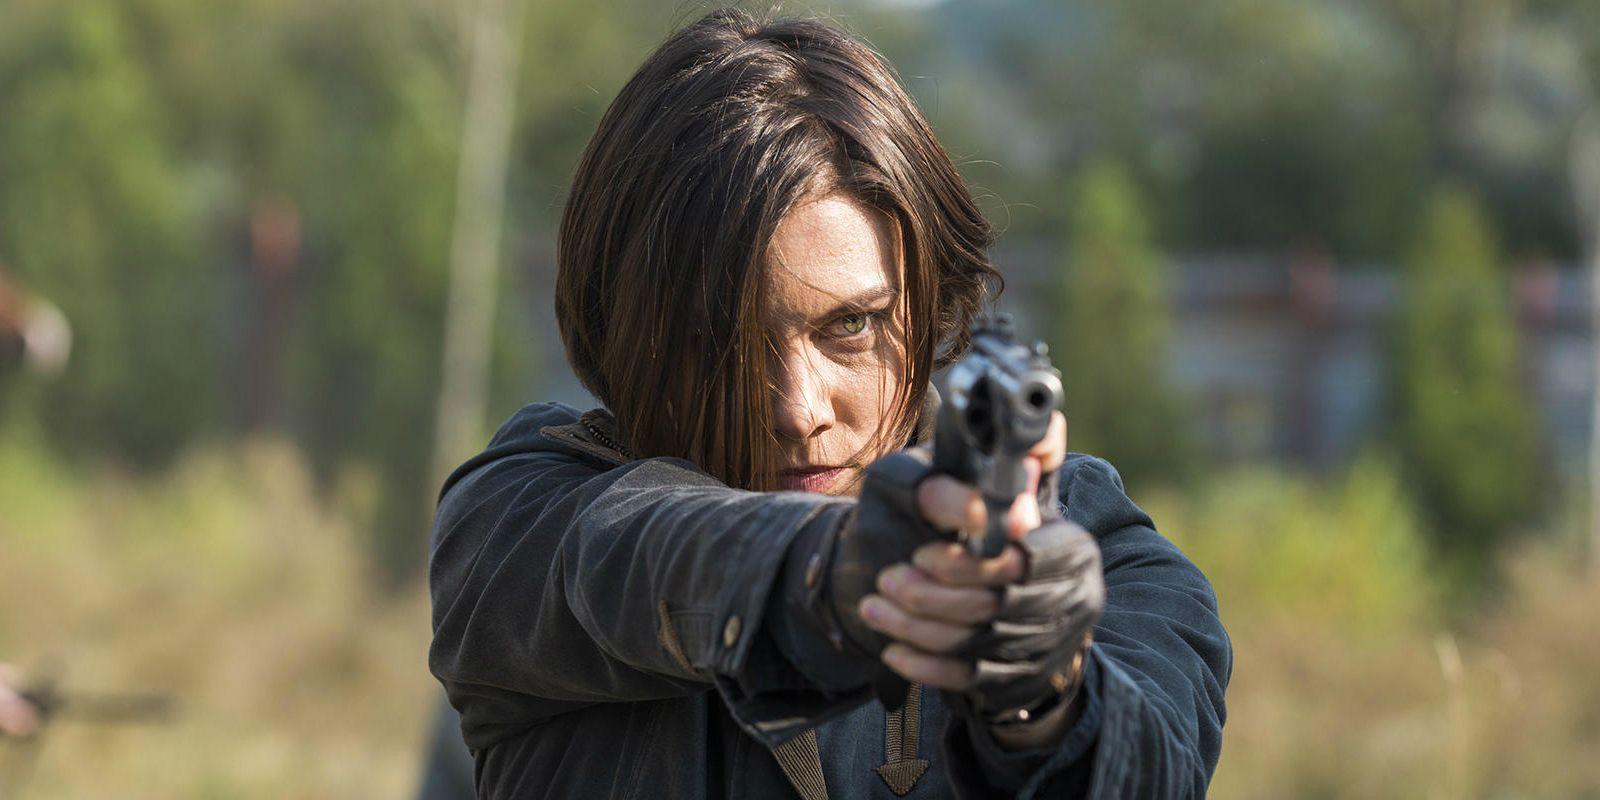 Walking Dead: Lauren Cohan Is Coming Back For The Walking Dead Season 9